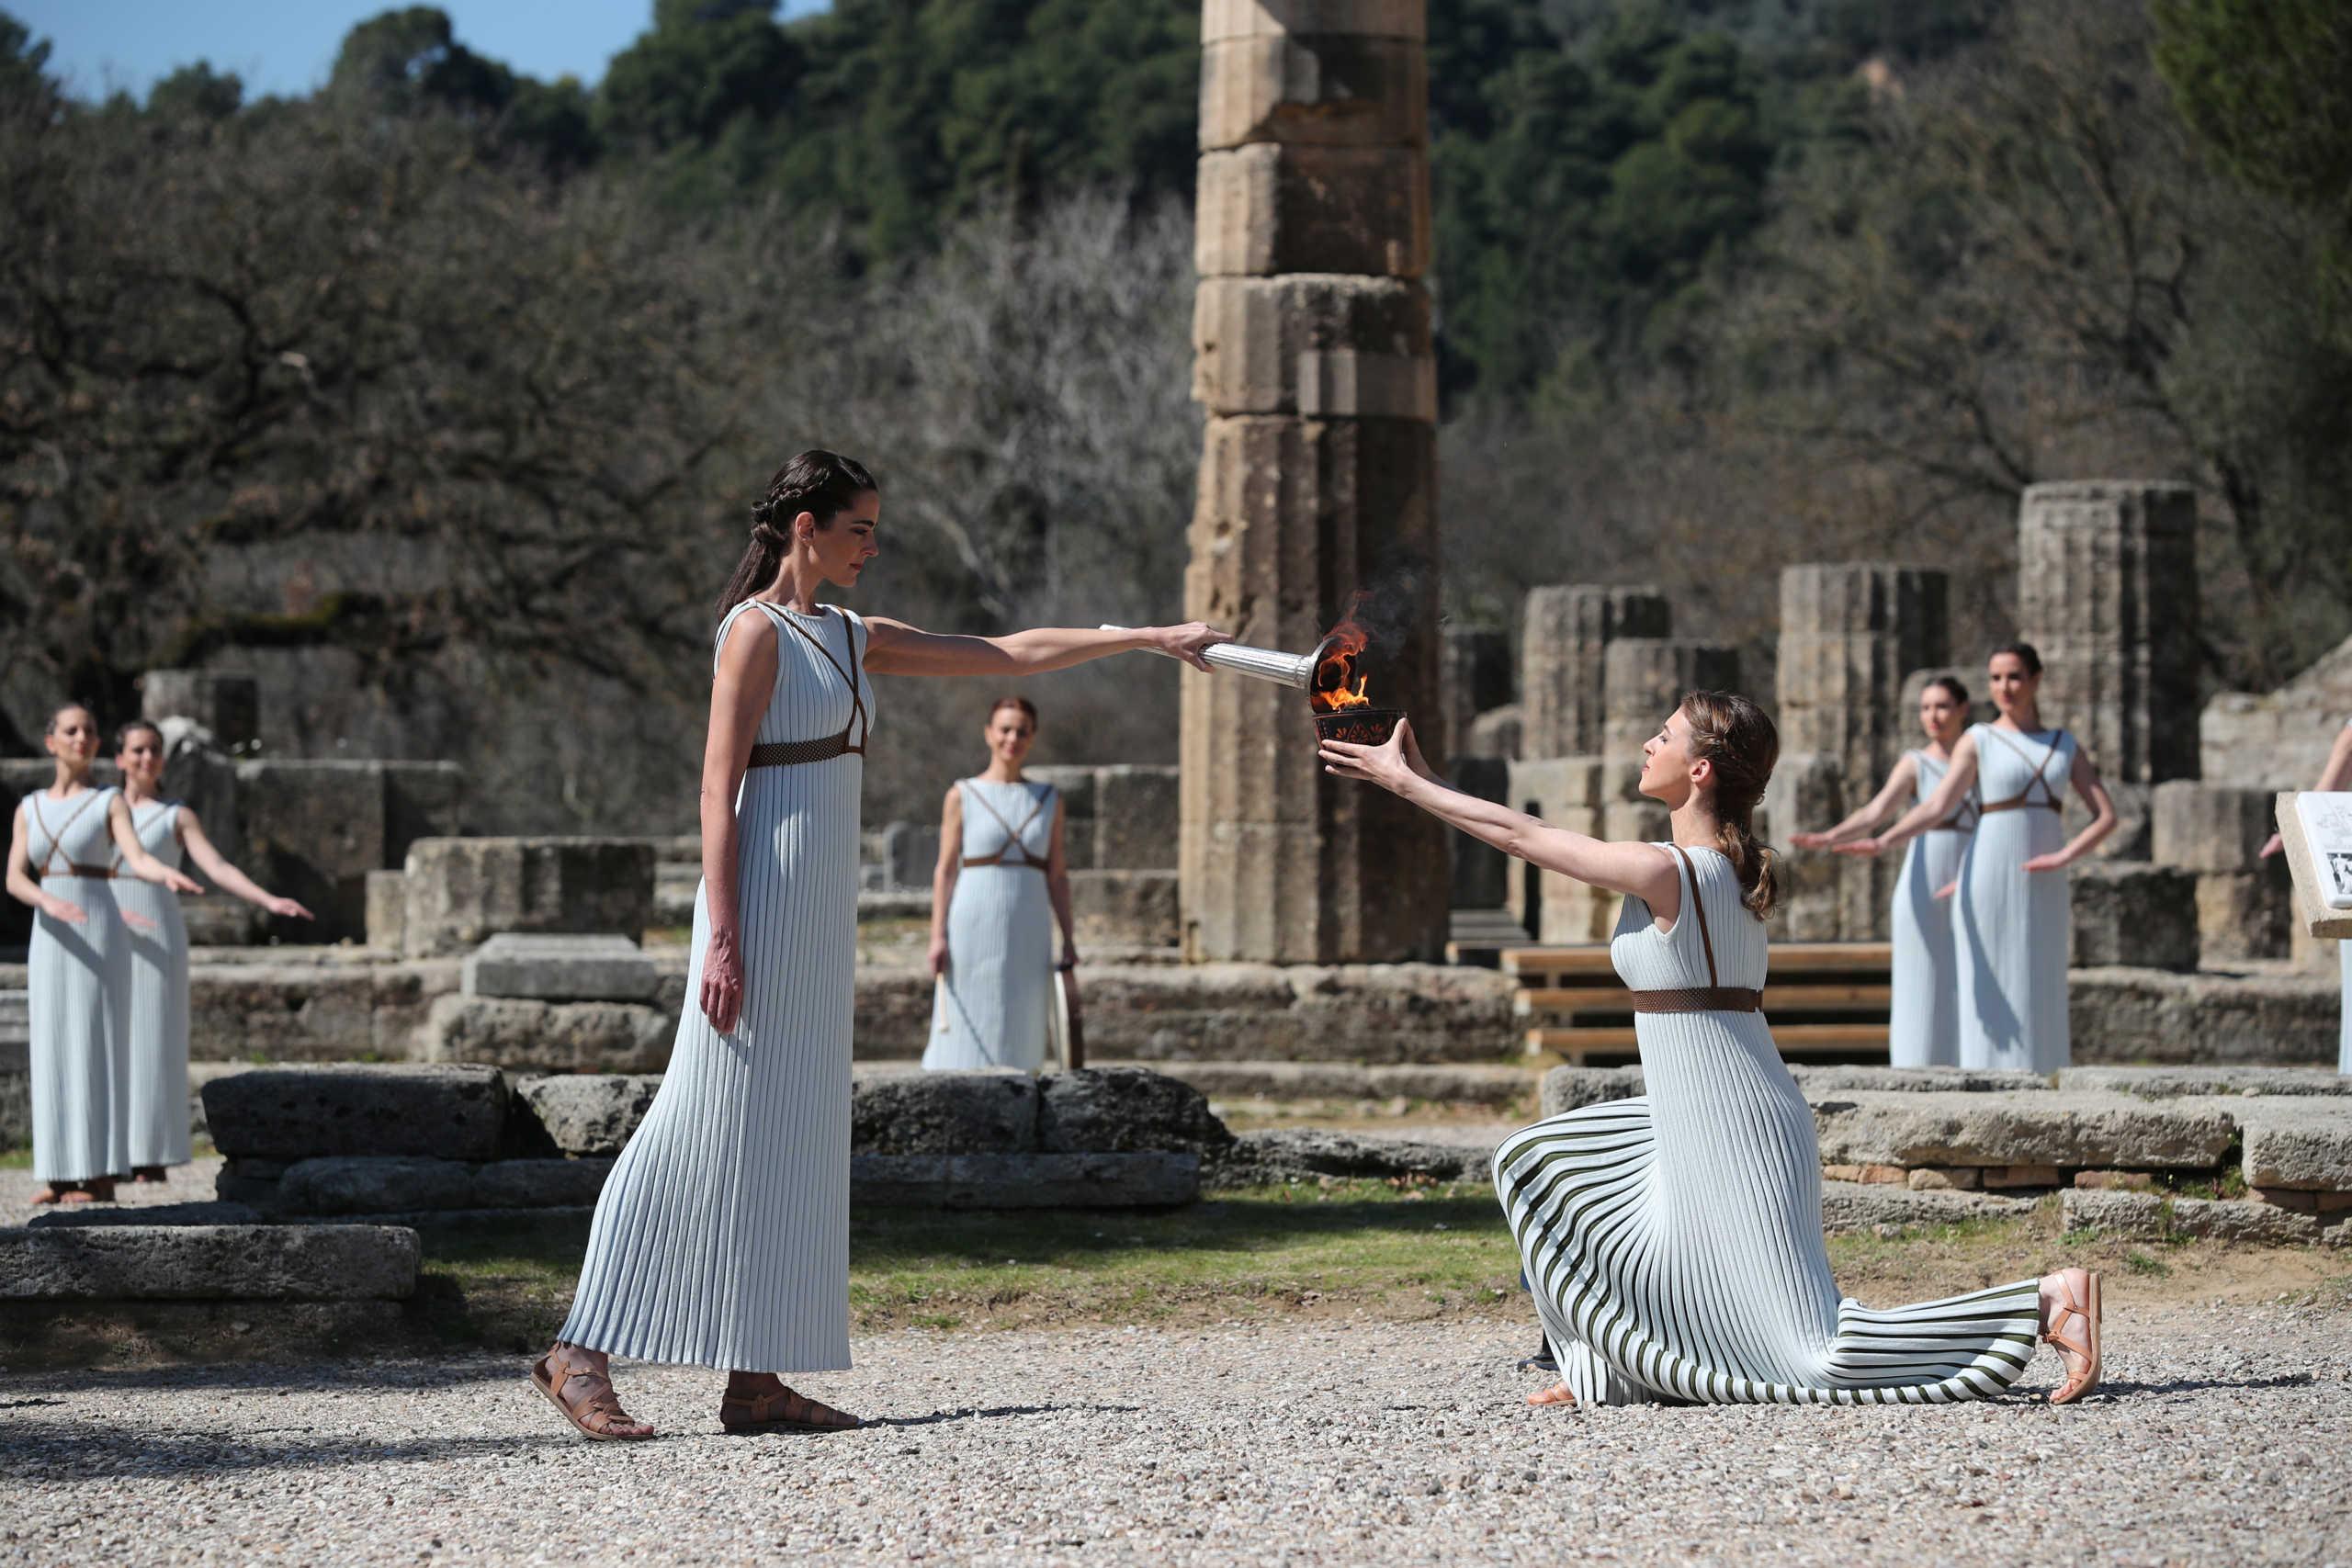 Αρχαία Ολυμπία: Ξεκίνησε το ταξίδι της η Ολυμπιακή Φλόγα για το Τόκιο (photos)